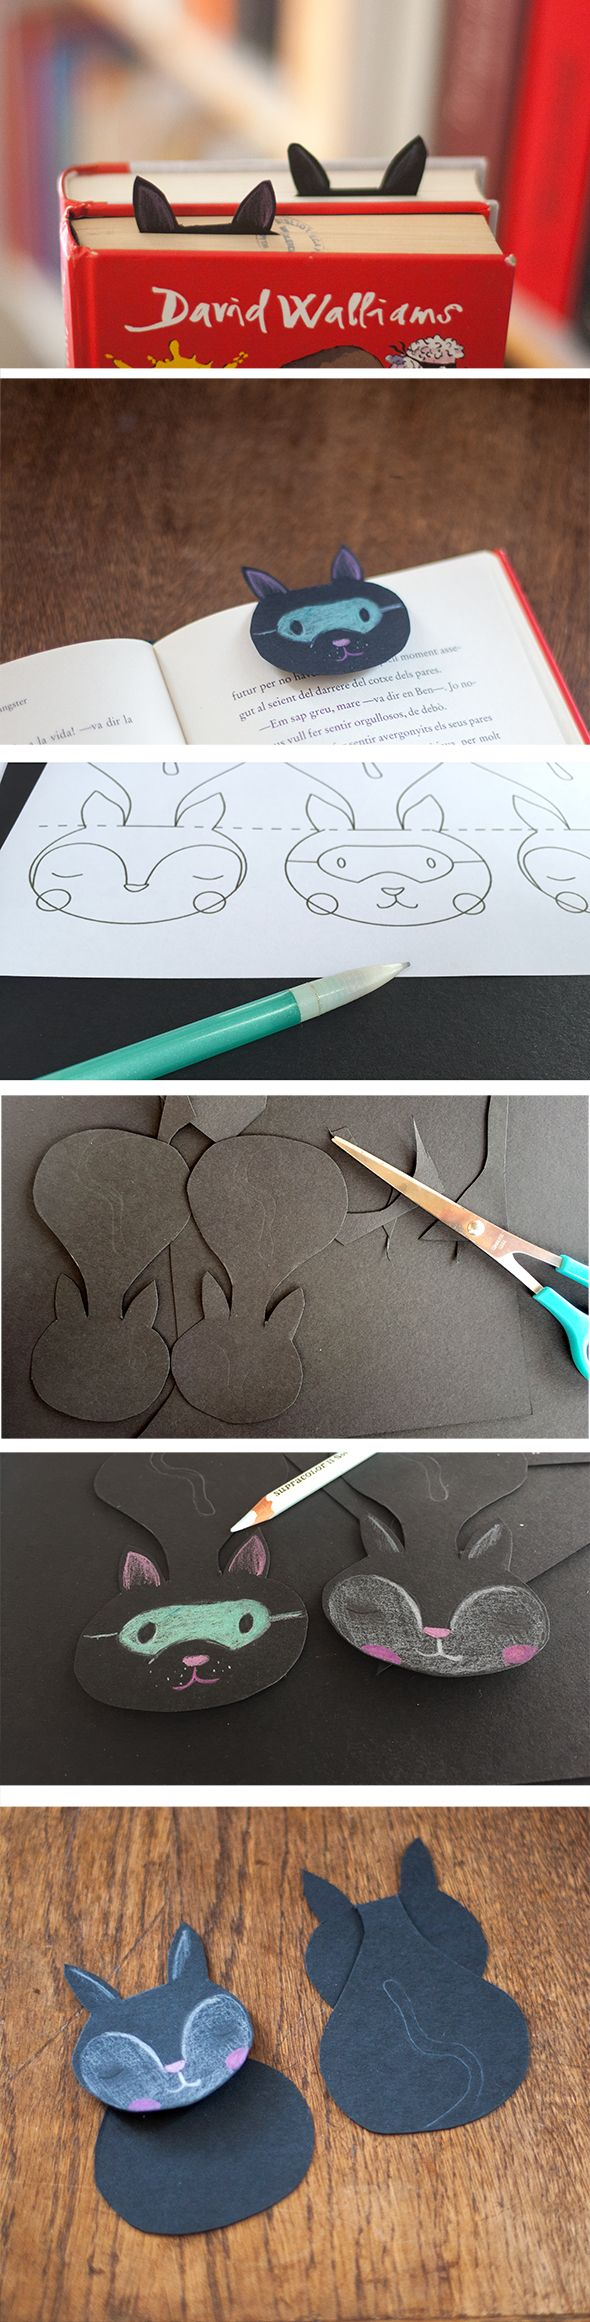 Bookmark / Marcapáginas / Lesezeichen | Bookmarks, Crafts and Origami